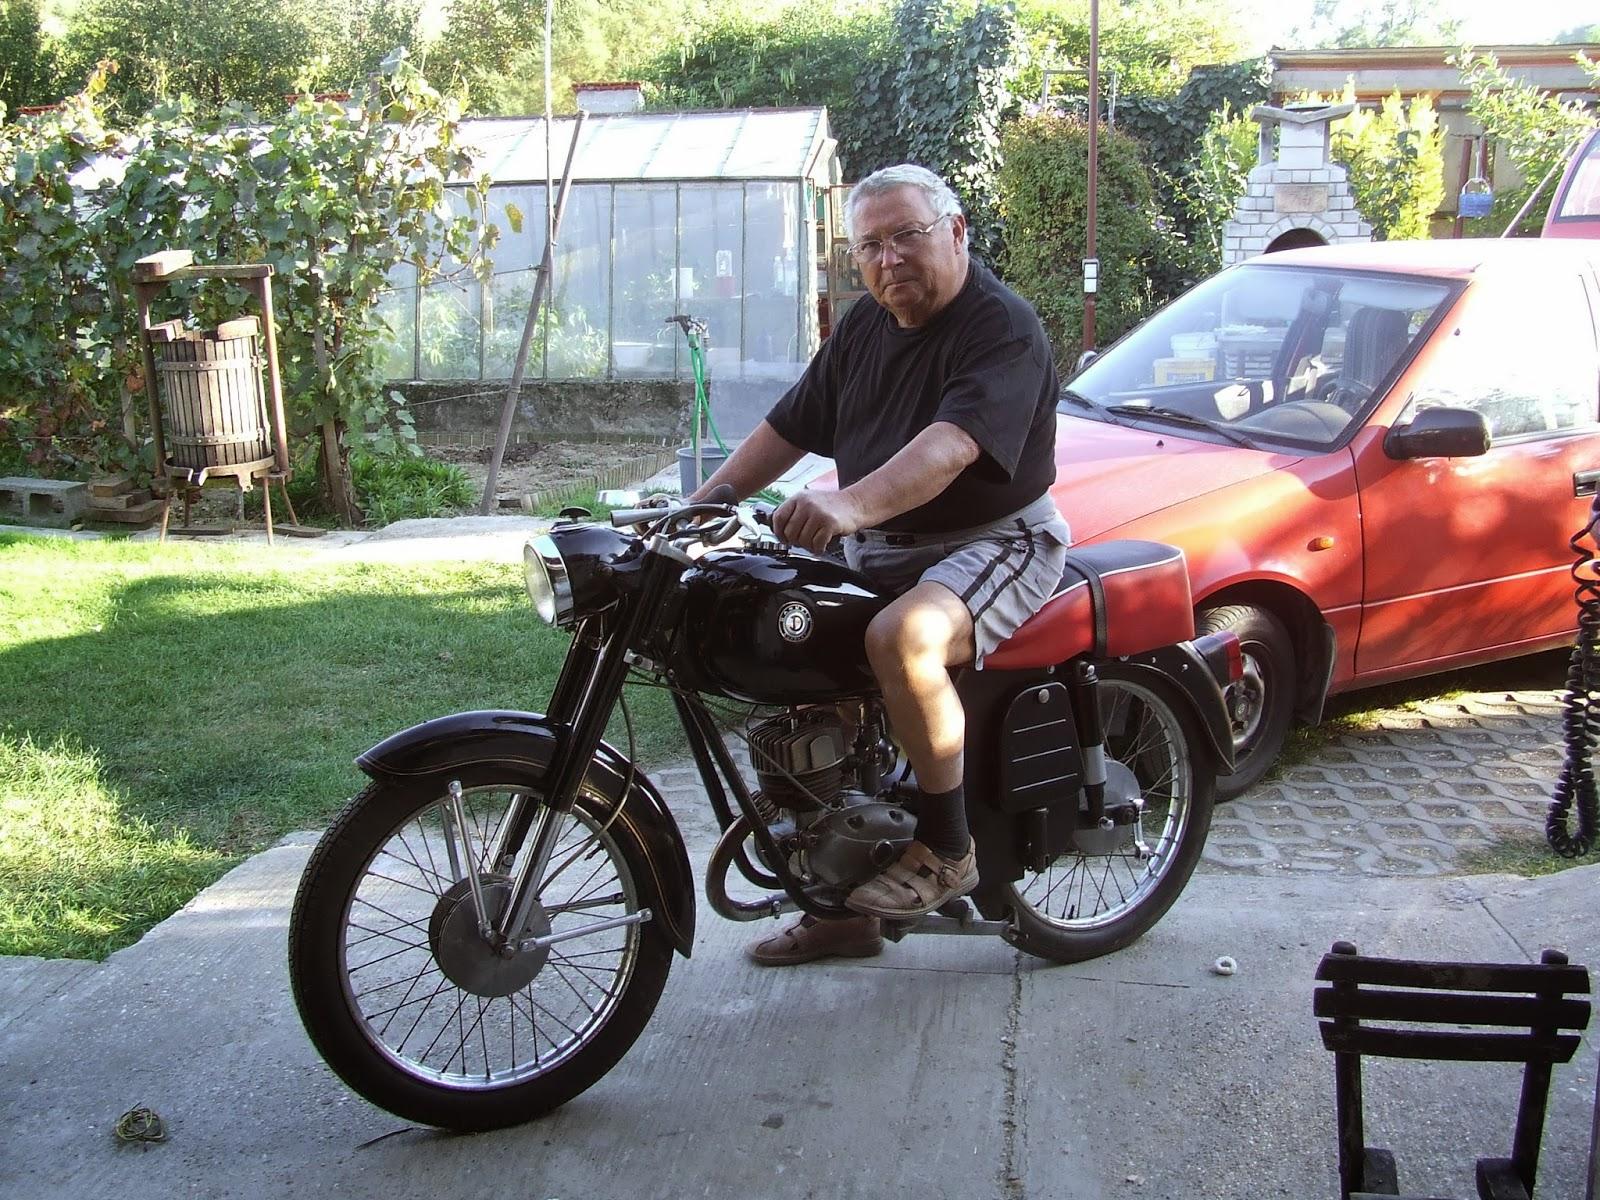 Egy 500 napos motortura 750 - 205 A Motoros Eml Kek M G Lnek S Nem Fakulnak